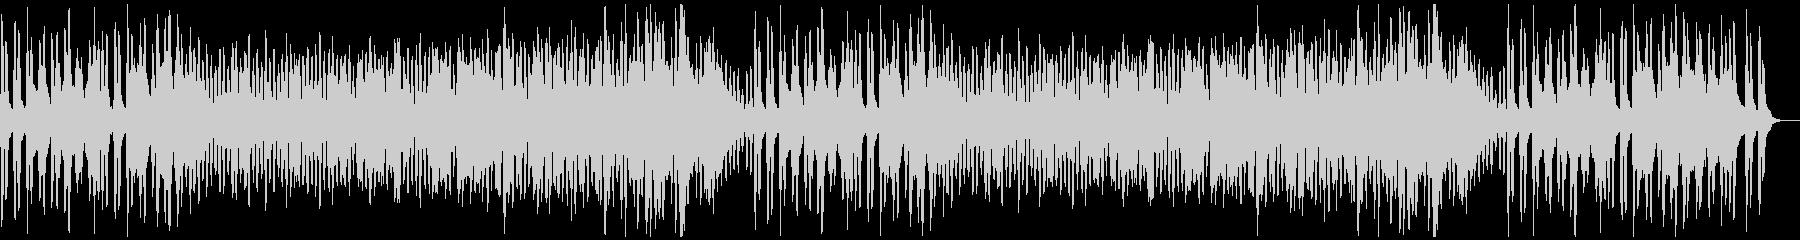 【リズム抜き】弦楽器とチェンバロのワルツの未再生の波形